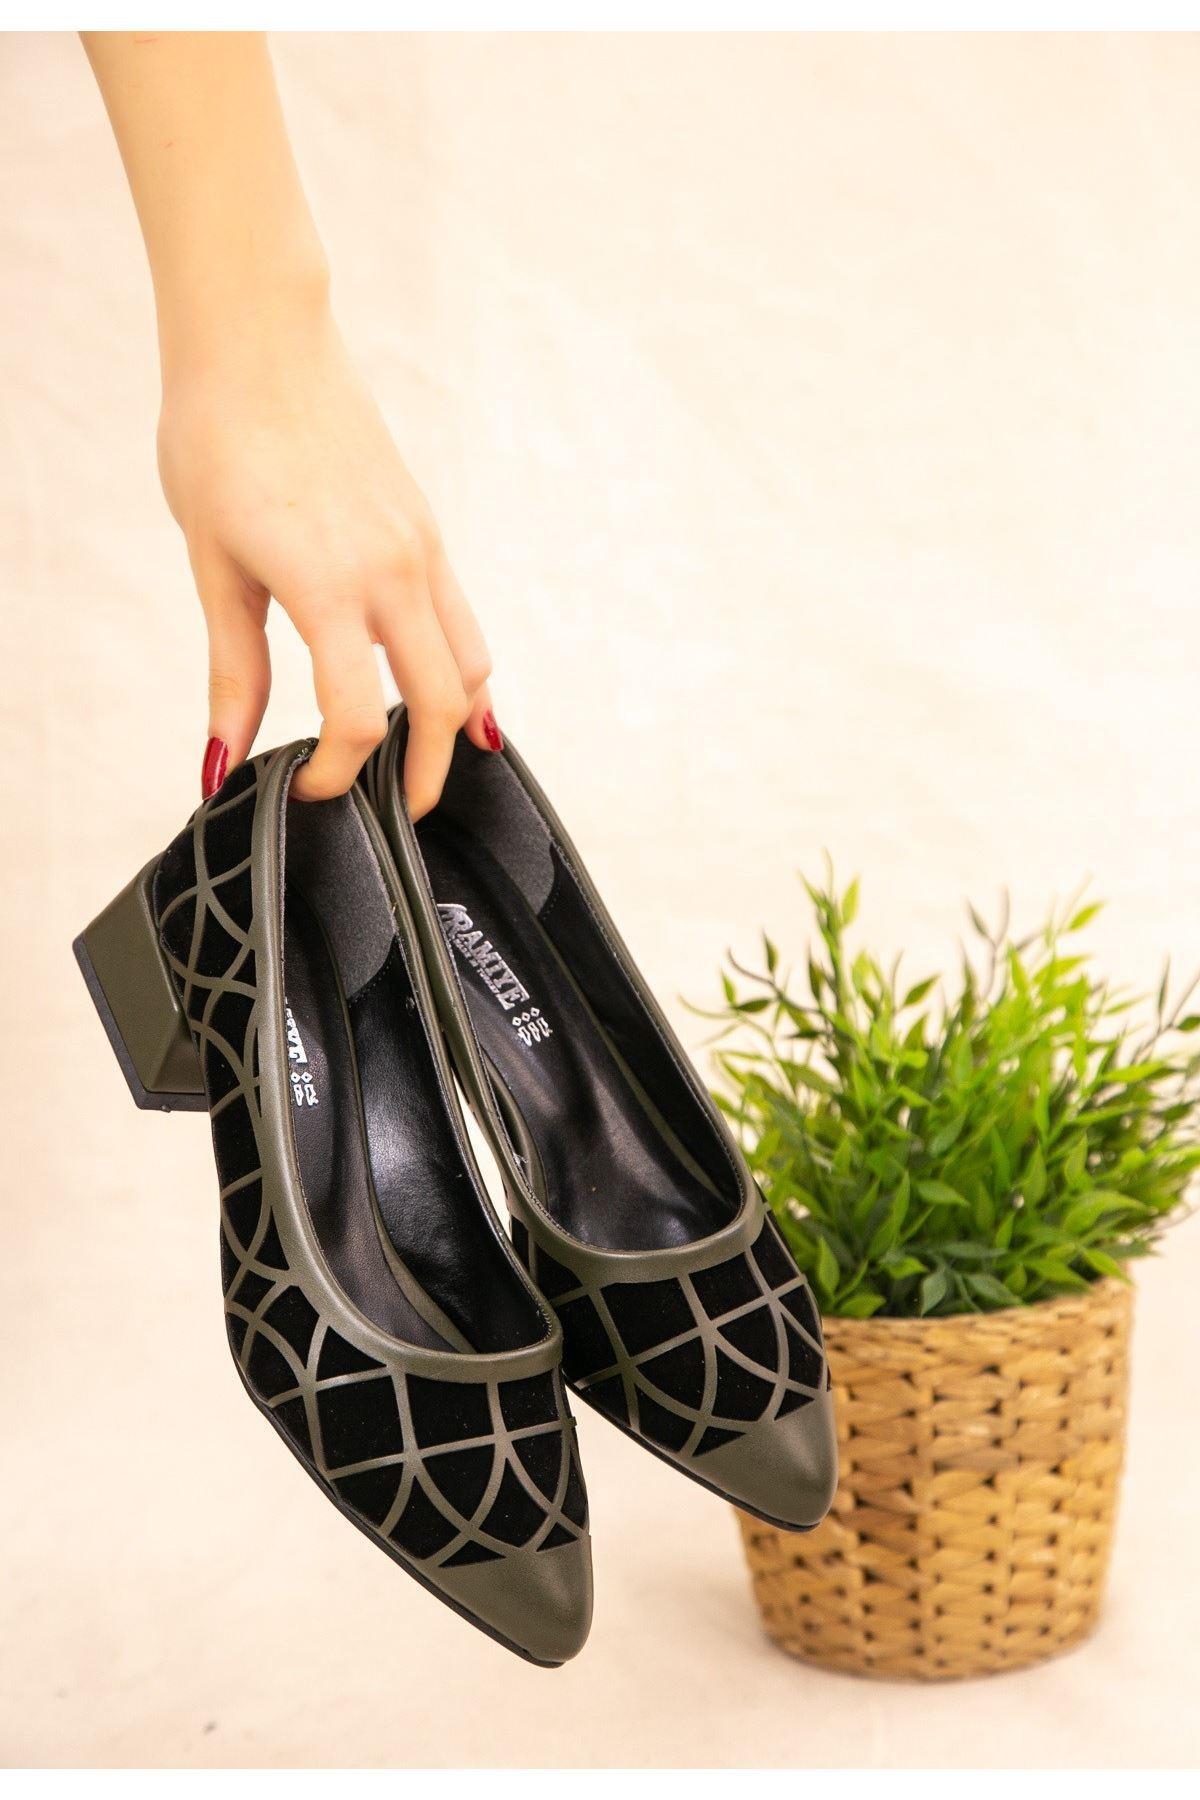 Cesxi Haki Yeşil Cilt Siyah Süet Detaylı Ayakkabı